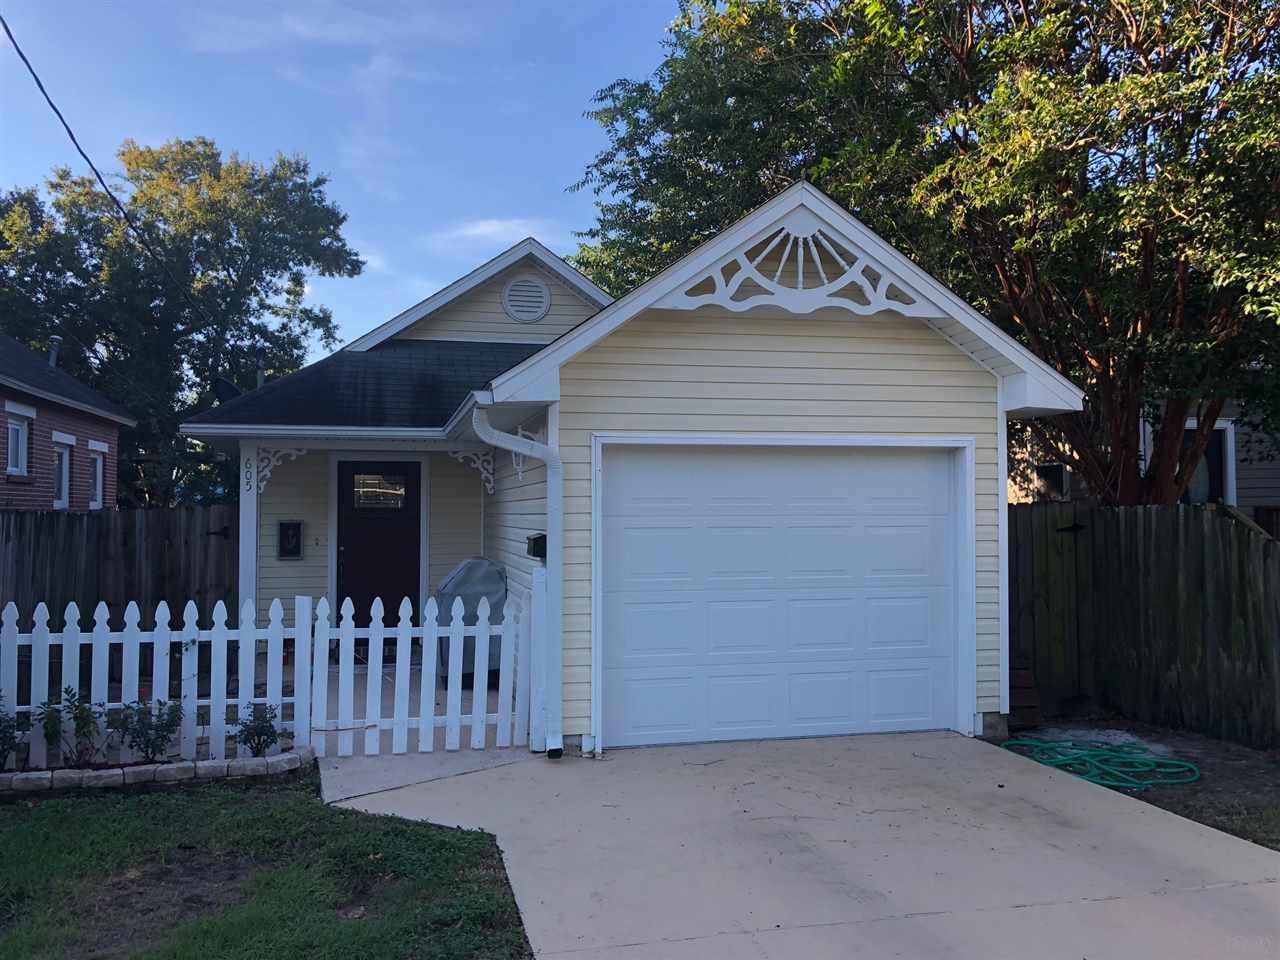 605 W Chase St, Pensacola, FL 32502